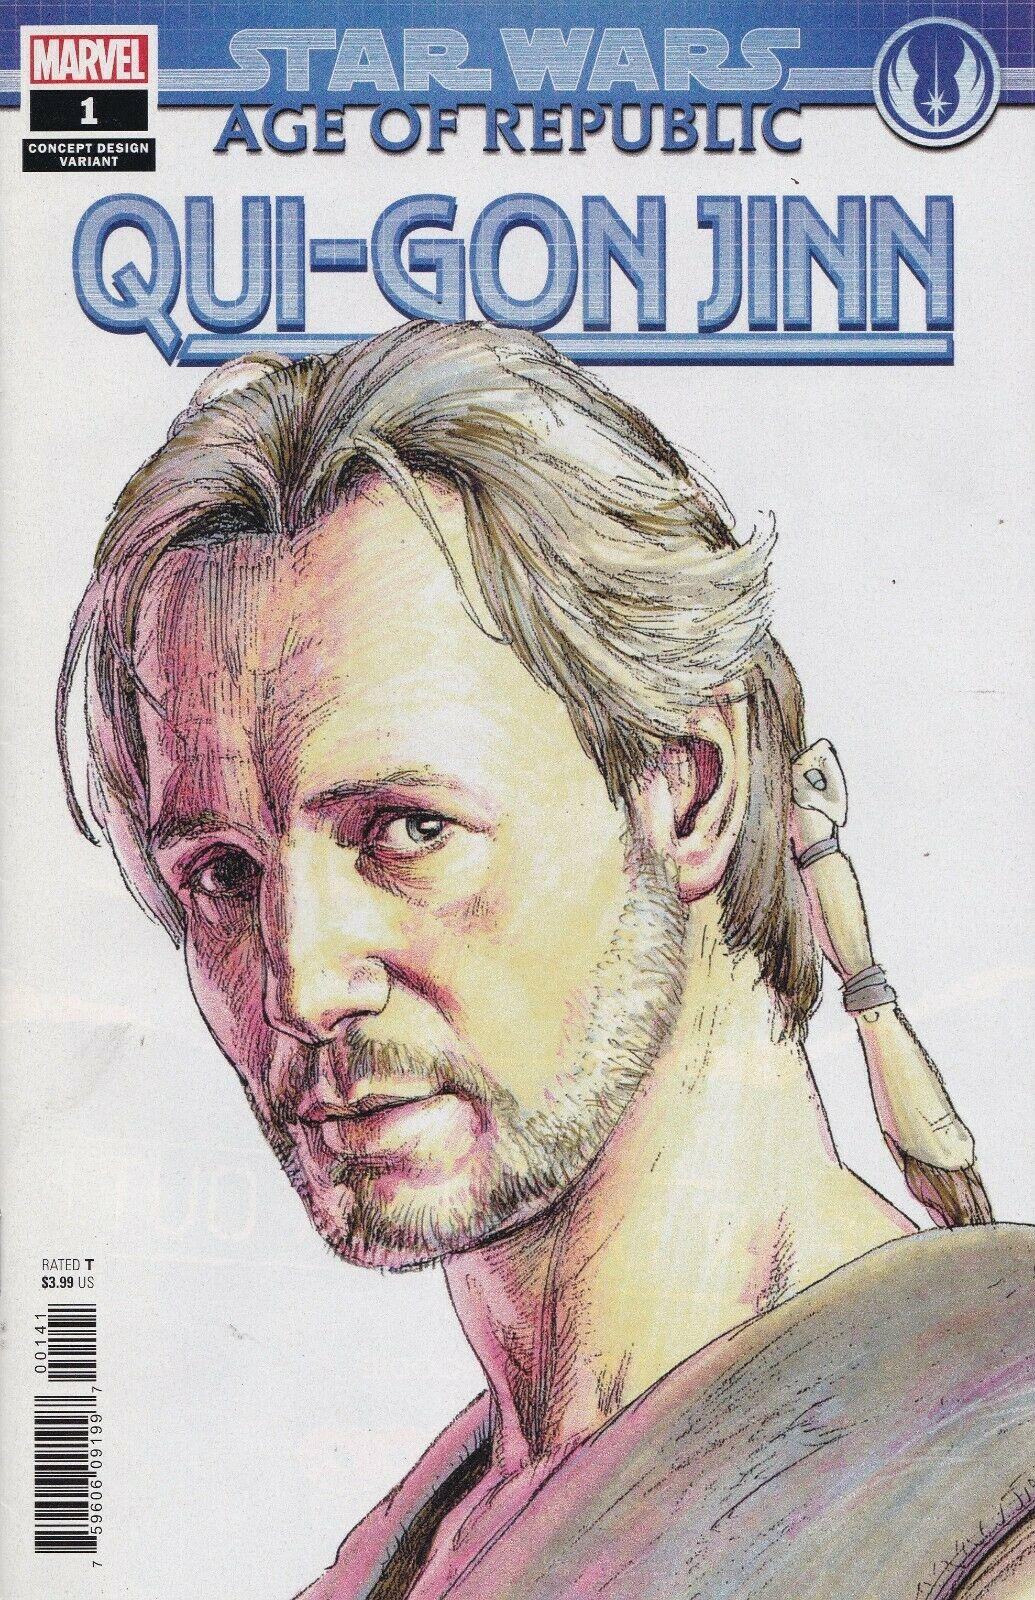 Age of Republic: Qui-Gon Jinn #1 (Iain McCaig Concept Design Variant Cover) (05.12.2018)